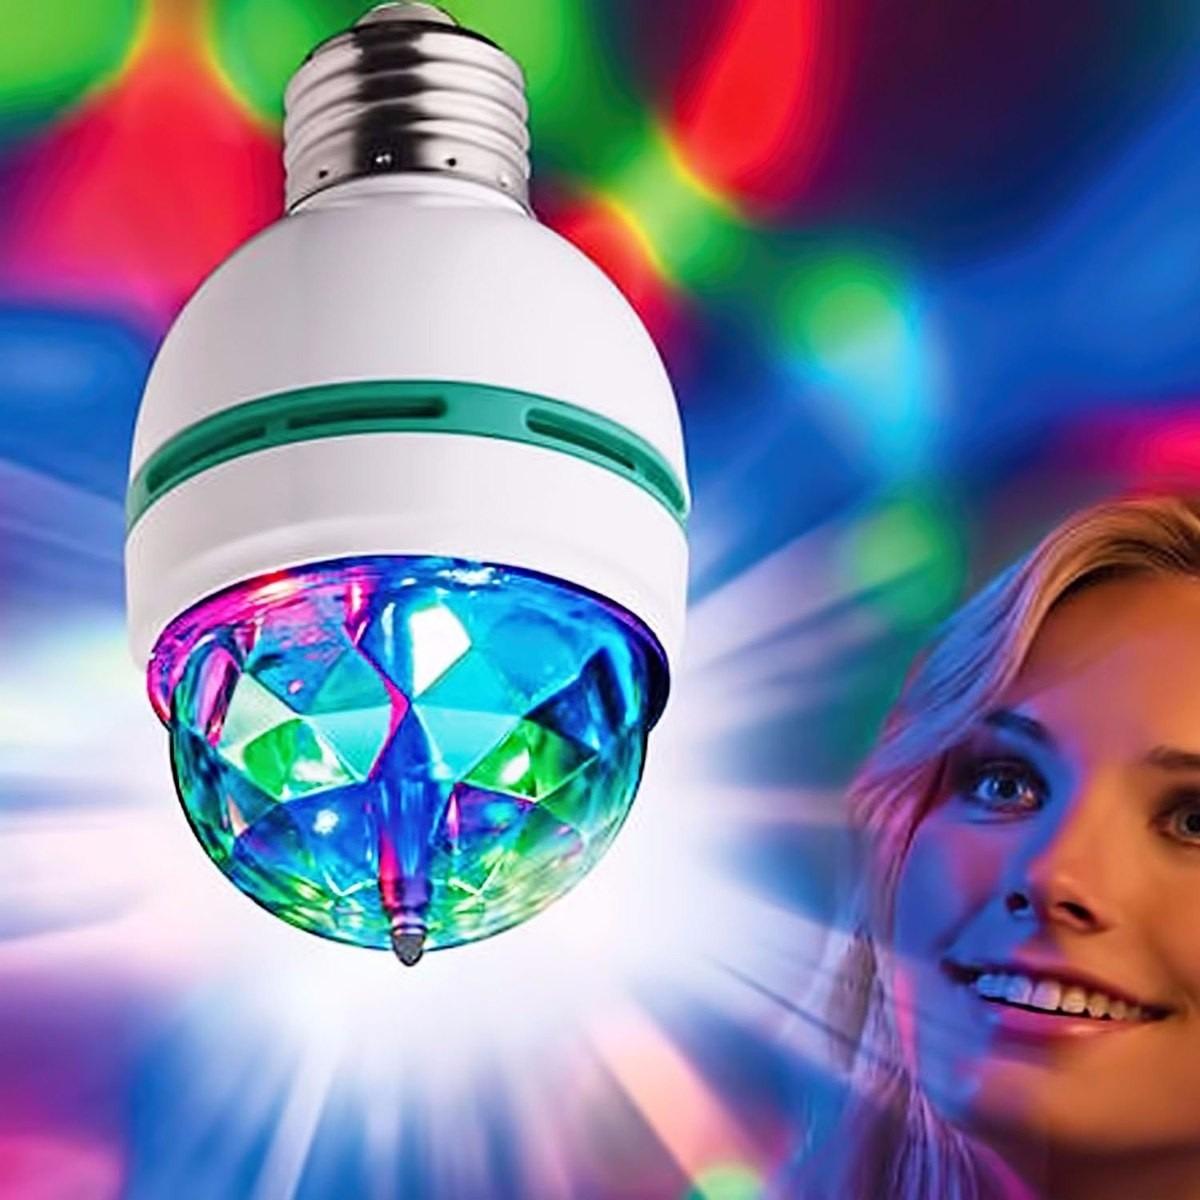 foco led colores giratorio luces sicodelicas disco fiesta